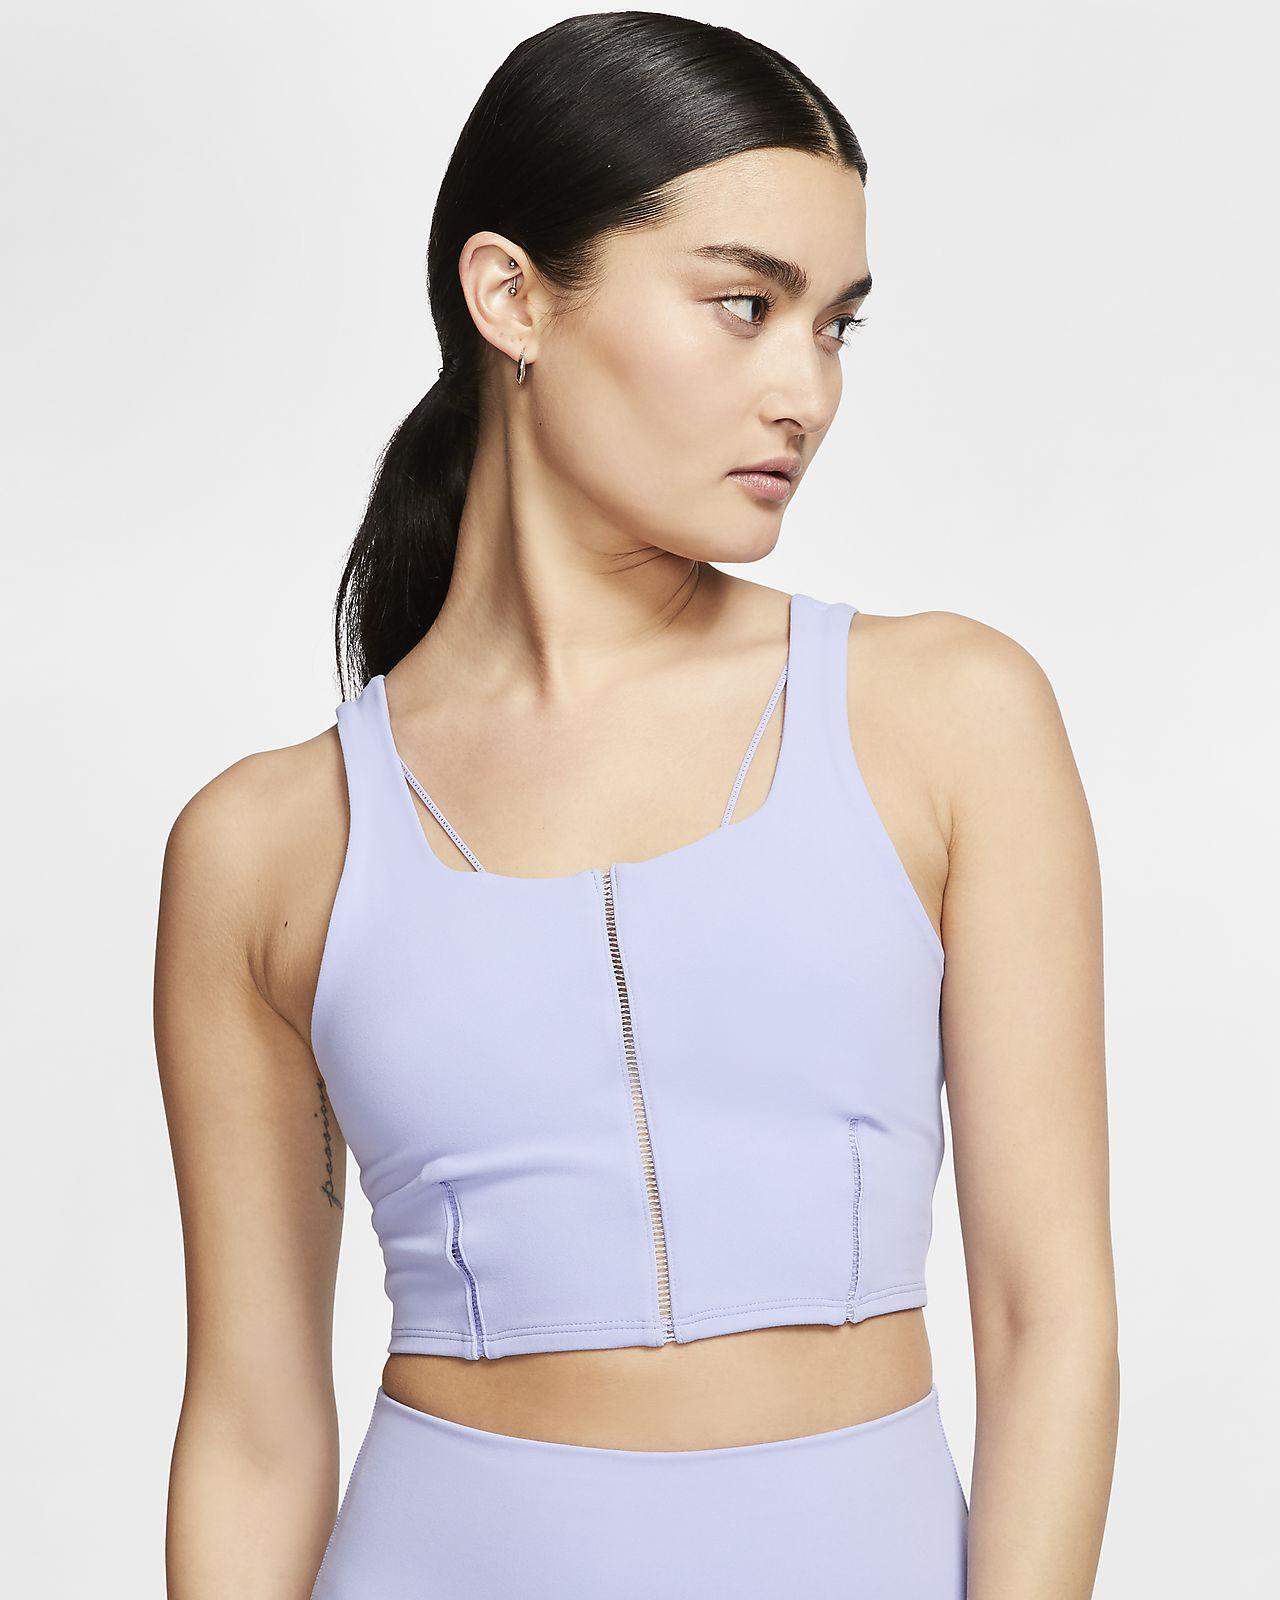 Débardeur court Infinalon Nike Yoga Luxe pour Femme